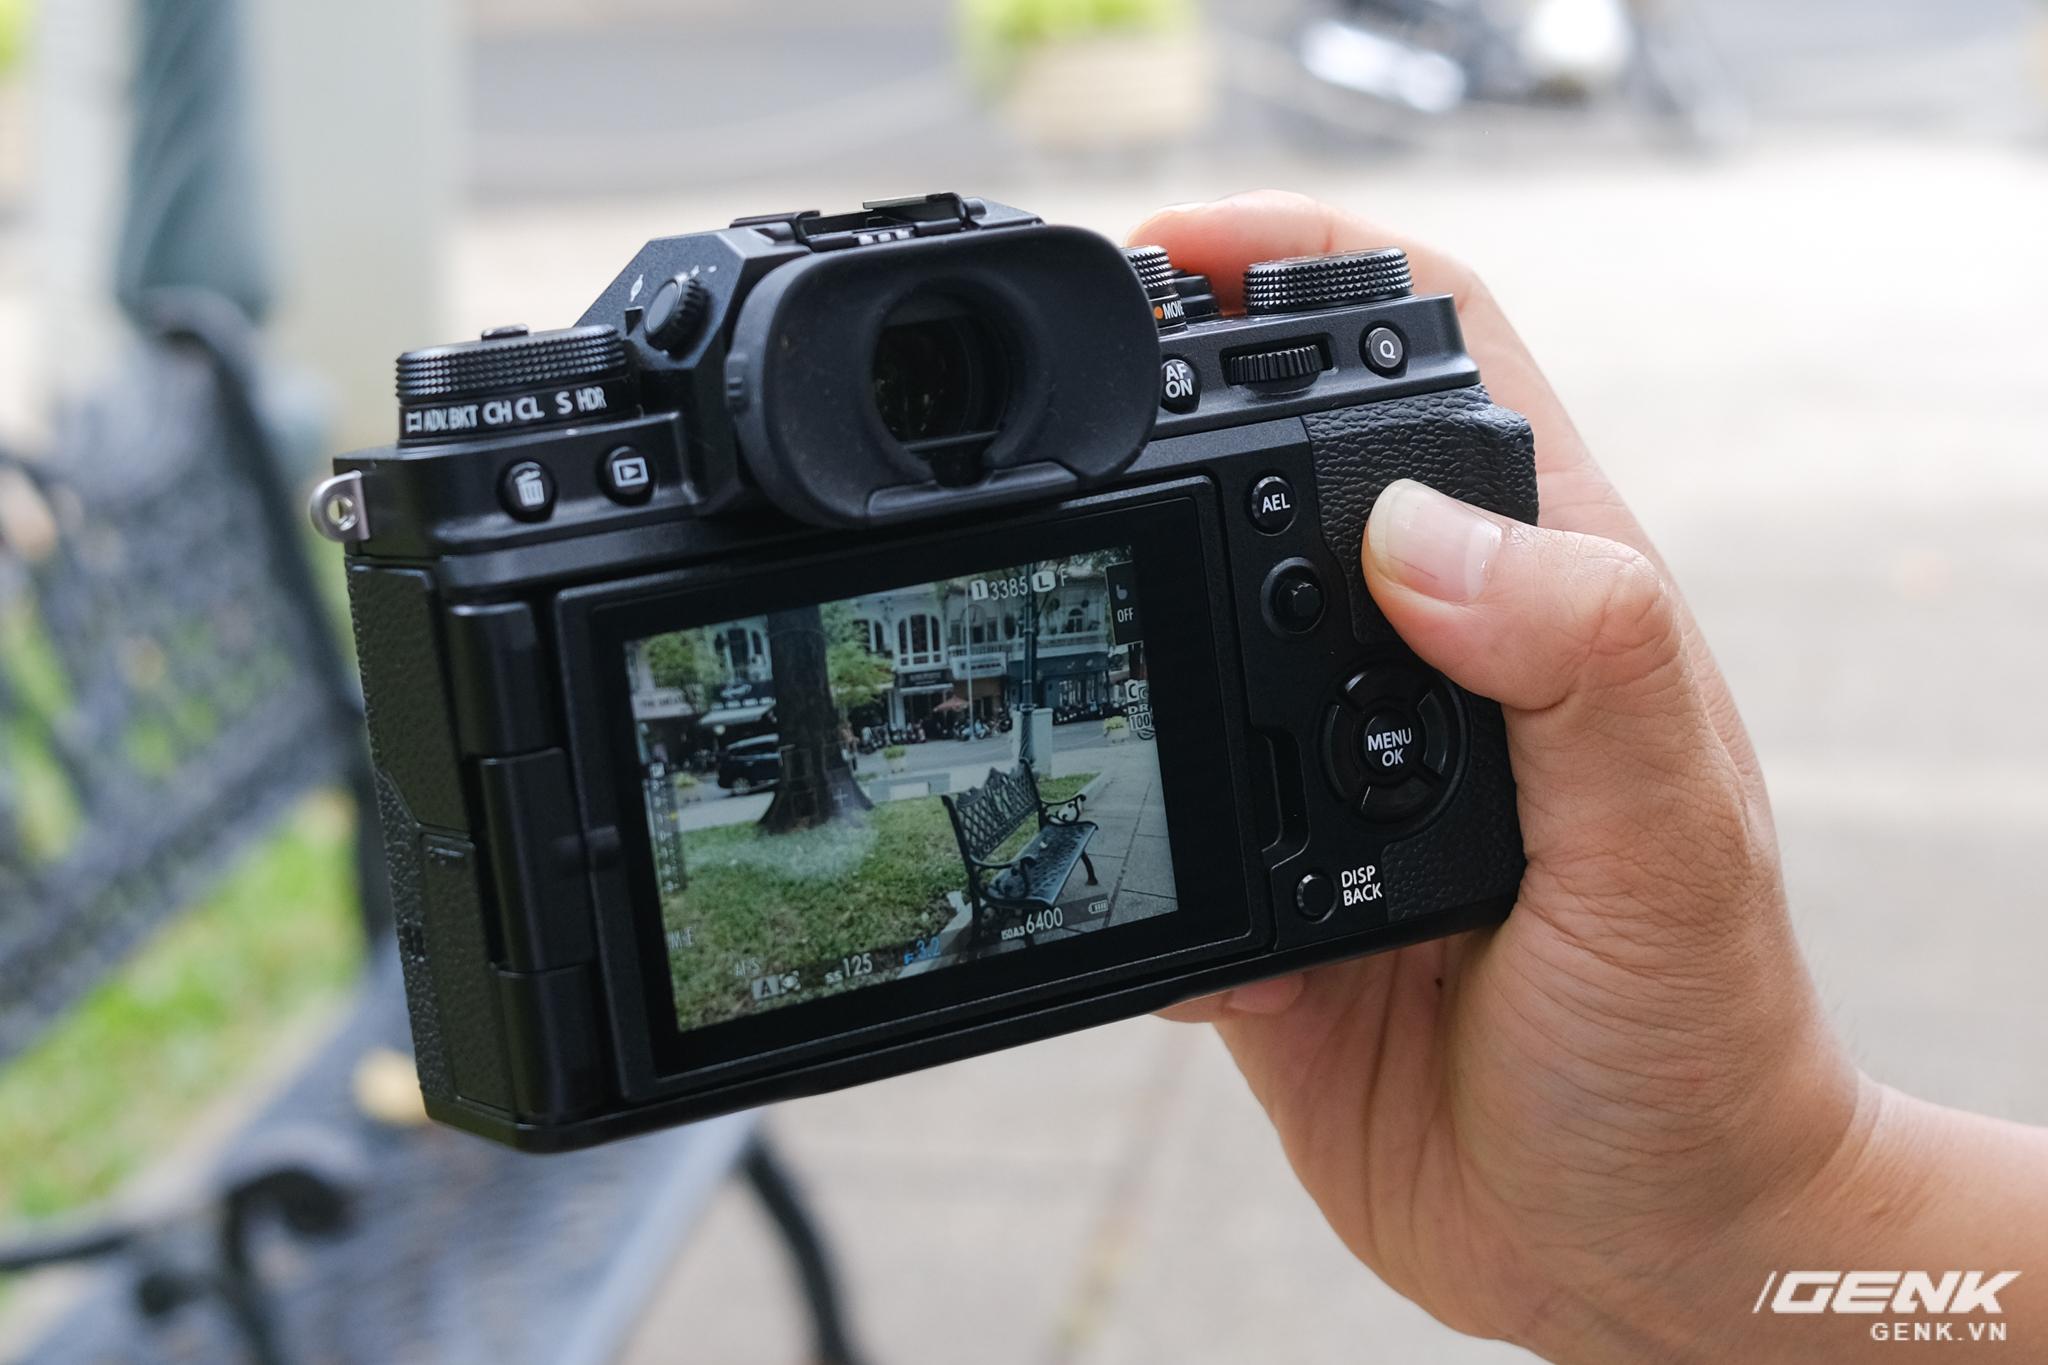 Trải nghiệm nhanh Fujifilm X-T4: Có gì hay và đáng nâng cấp so với đời trước? - Ảnh 5.